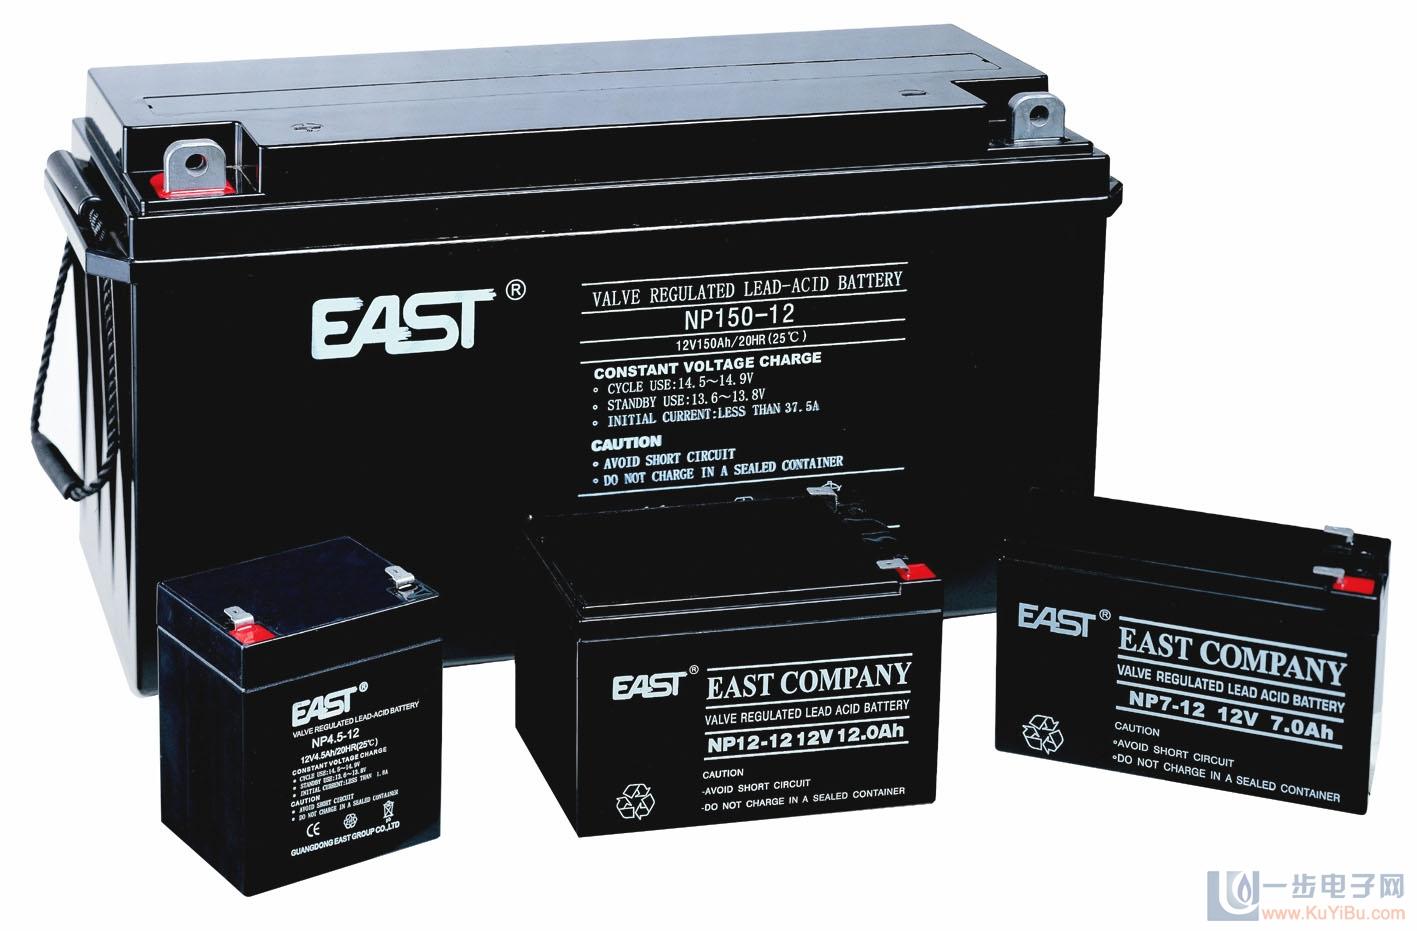 Este sistema de iluminación de emergencia NP7-12 este 12V7AH batería batería ups